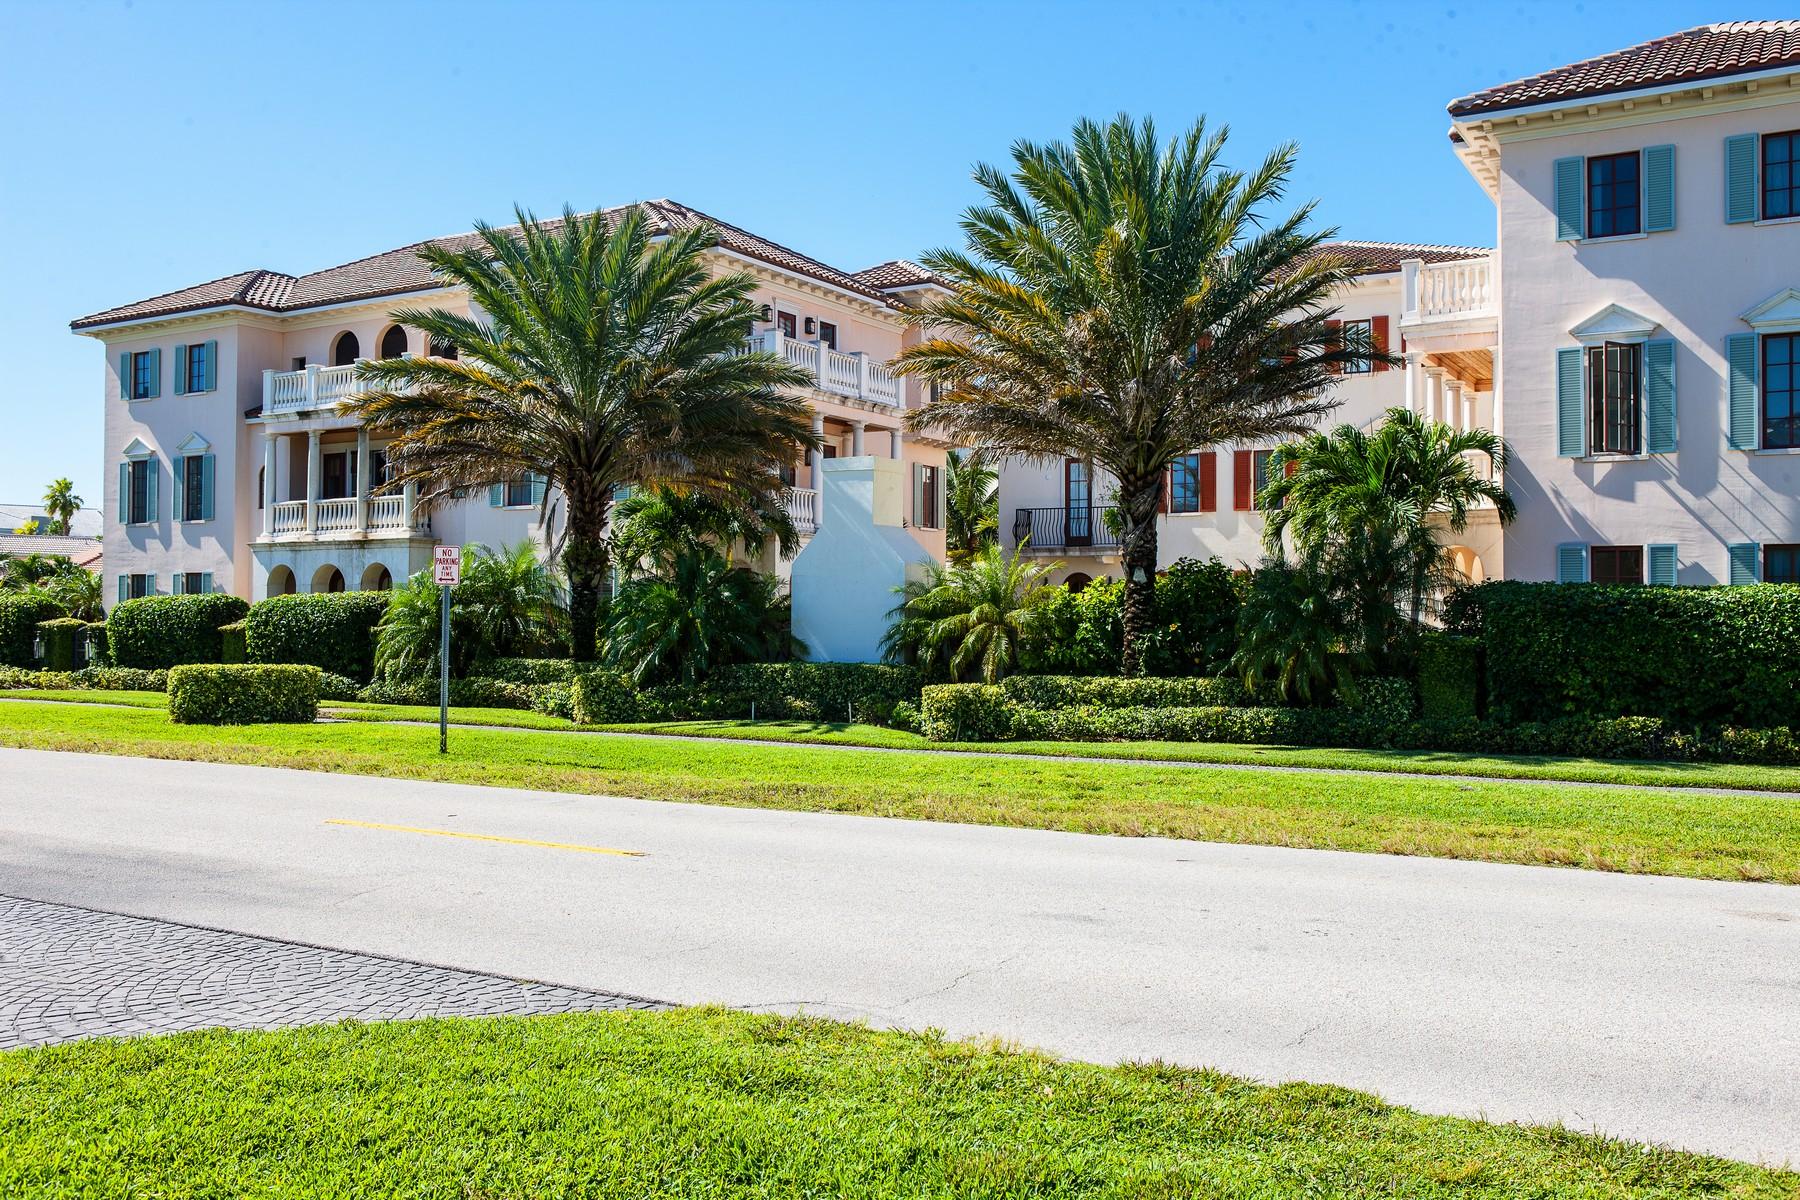 Residência urbana para Venda às Elegant Italian Villa by Beach 1515 Ocean Drive #9 Vero Beach, Florida, 32963 Estados Unidos